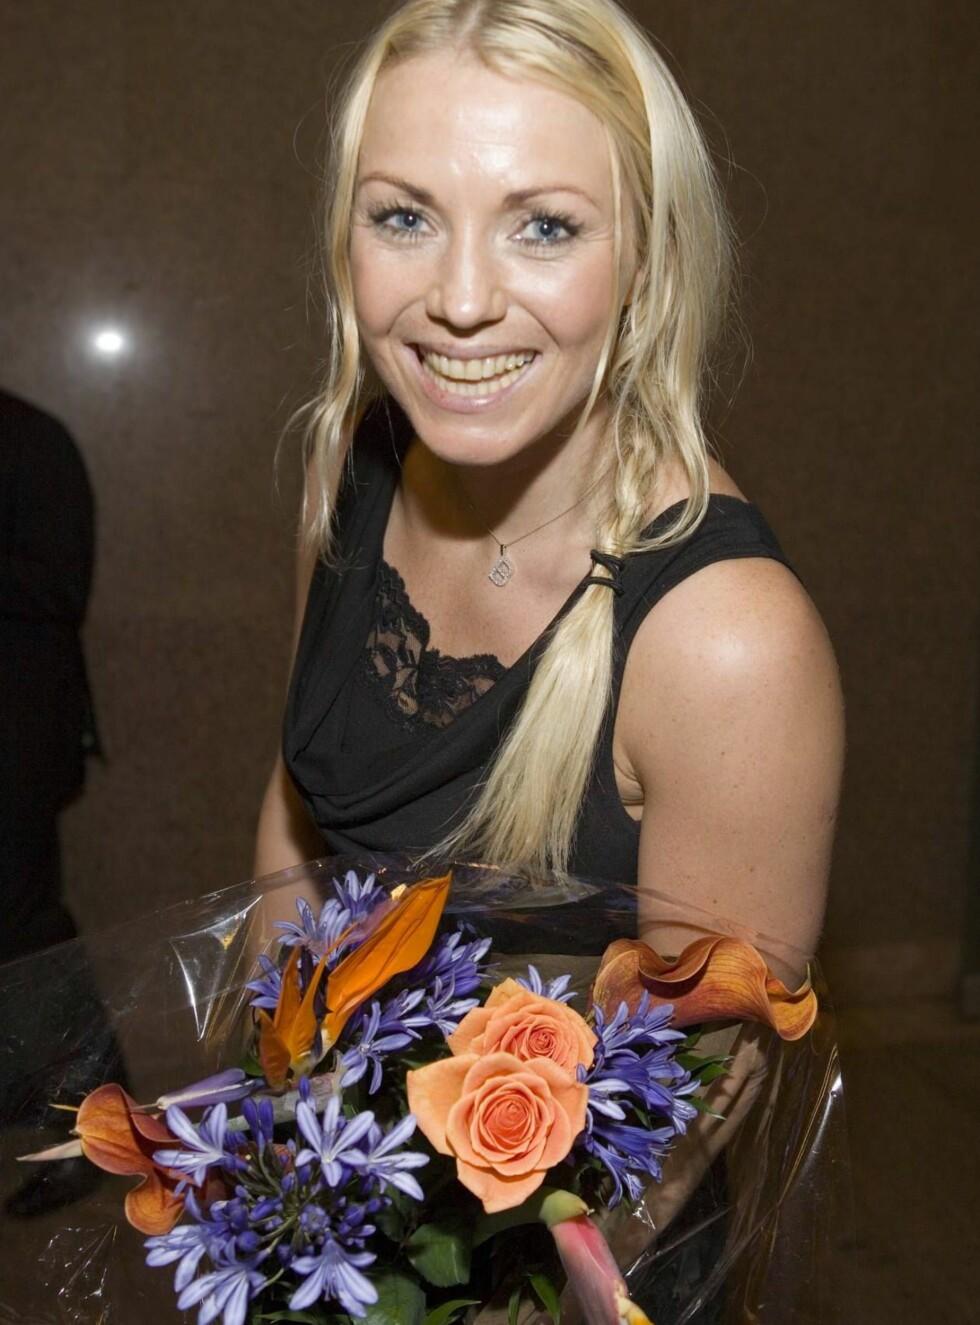 POPULÆR: Kari Traa er ikke kvinnen som sitter på rumpa! Foto: SCANPIX